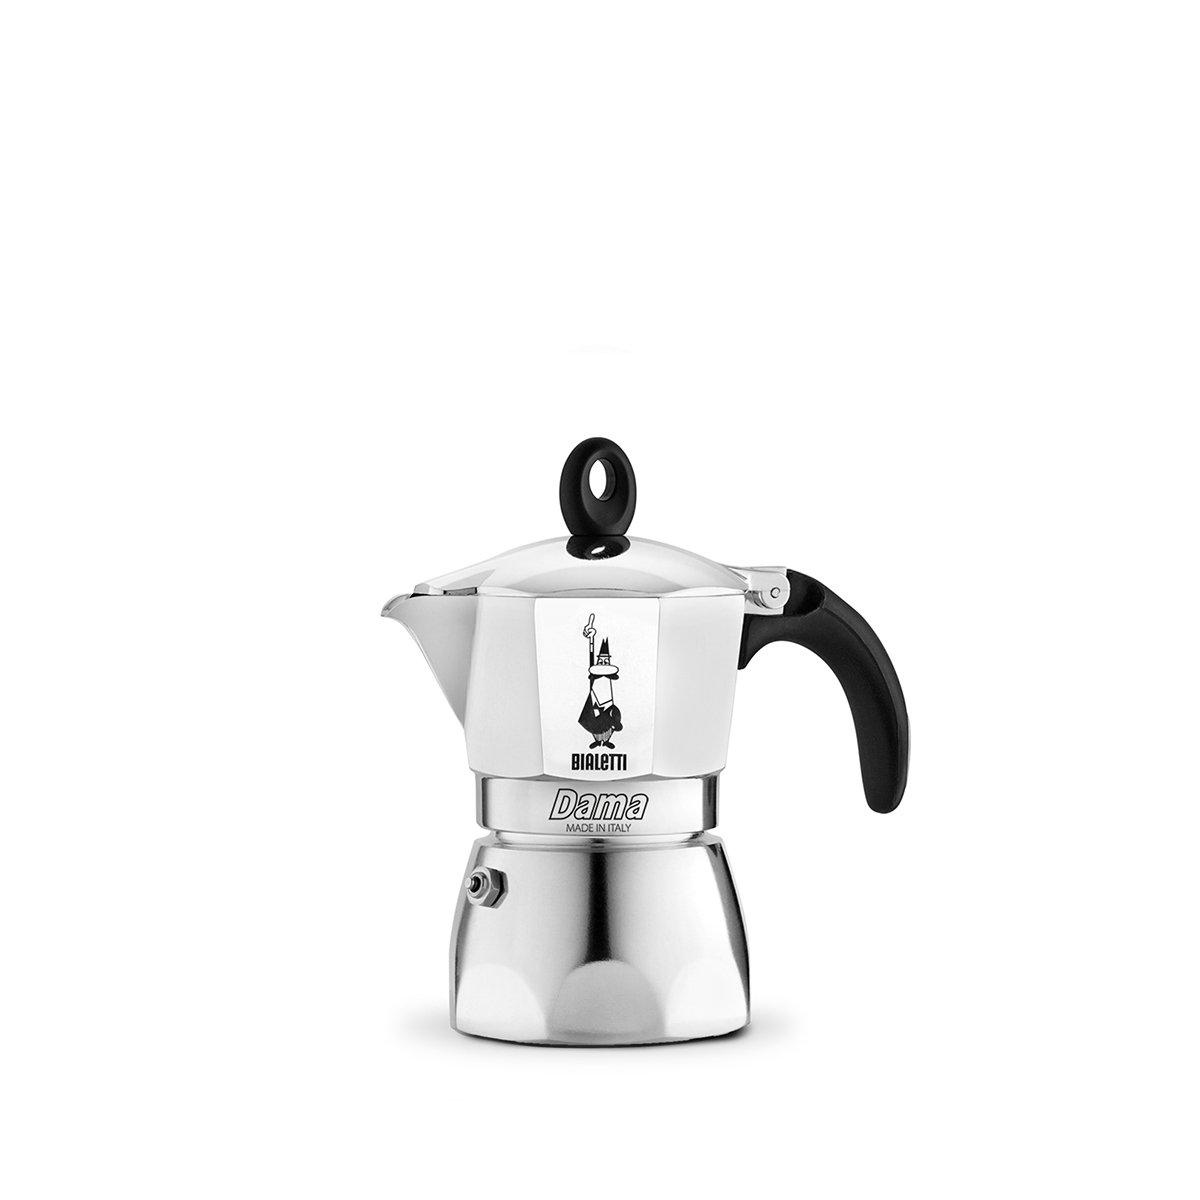 Bialetti Dama Nuova Espresso Make for 2 Cups Aluminium 2154